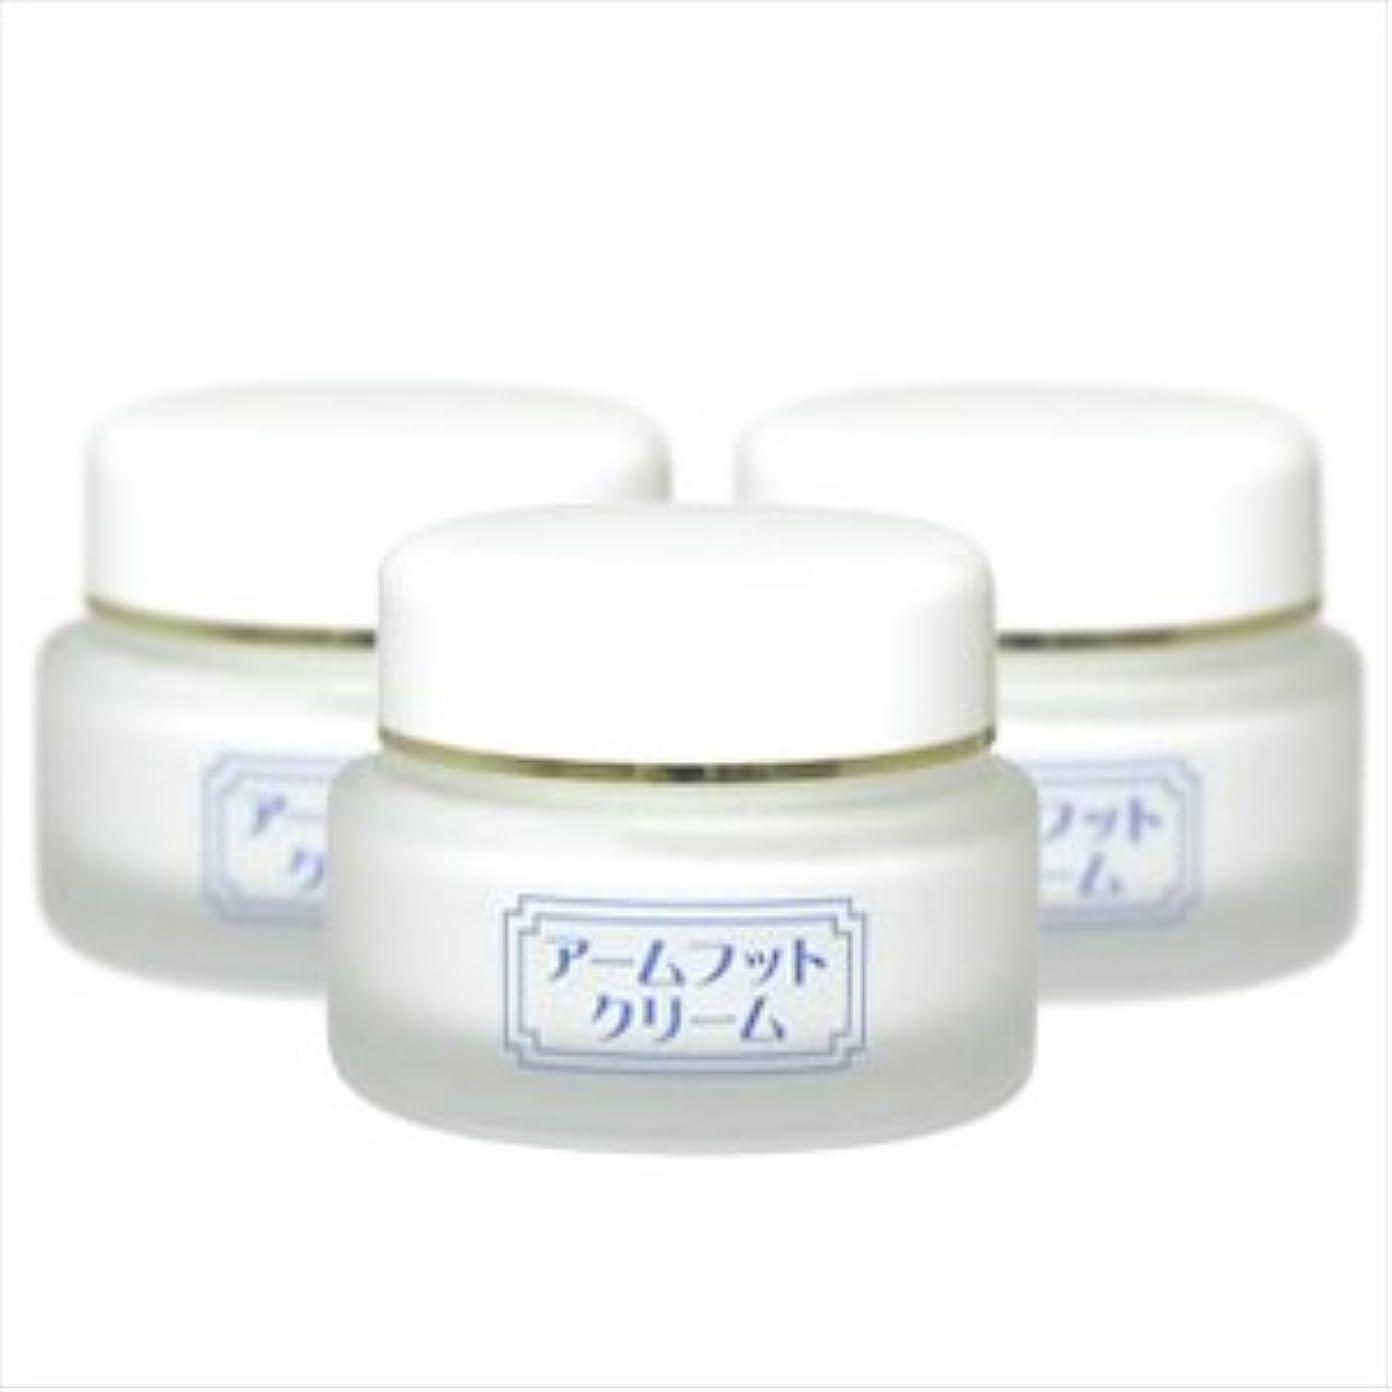 クラウド動的スカルク薬用デオドラントクリーム アームフットクリーム(20g) (3個セット)